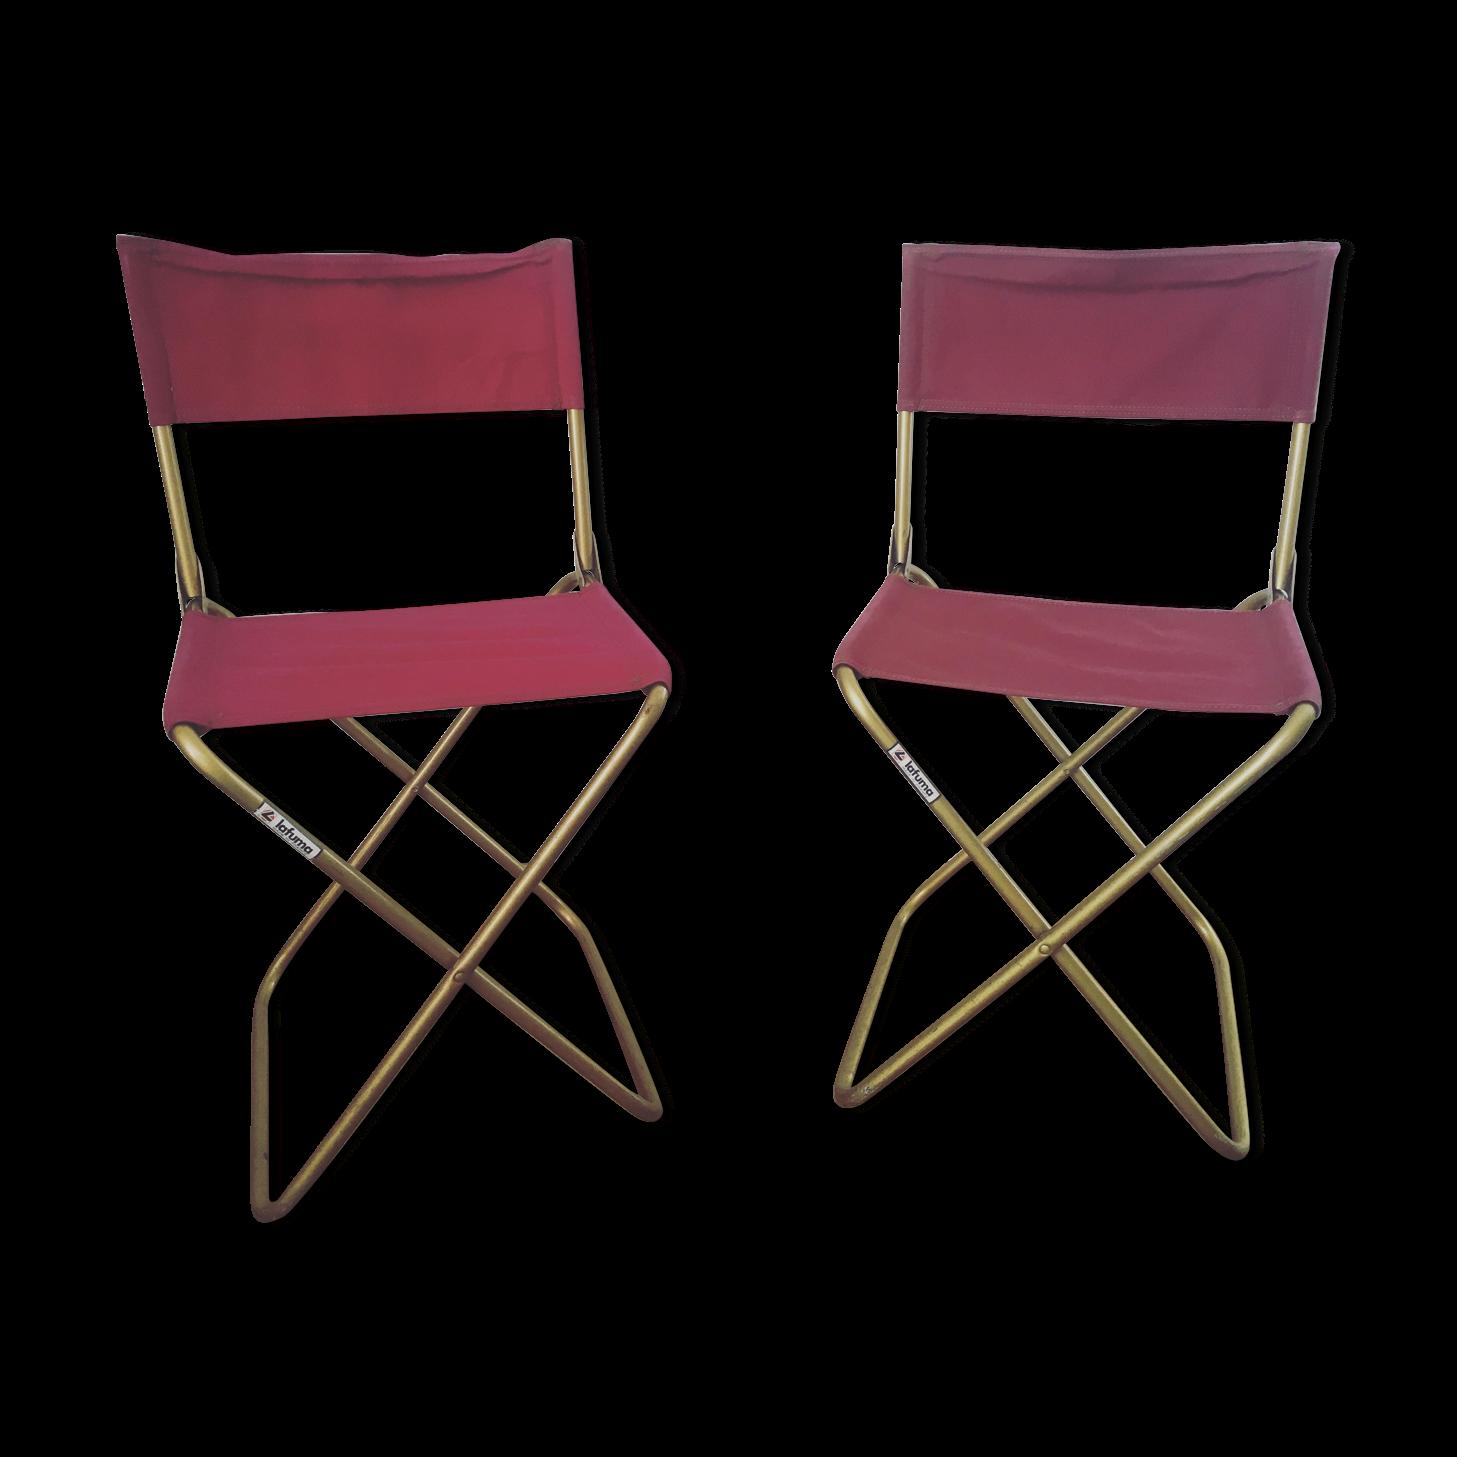 Lot De 2 Chaises Pliantes Lafuma Violettes Annees 70 Chaise Chaises De Camping Et Vendanges